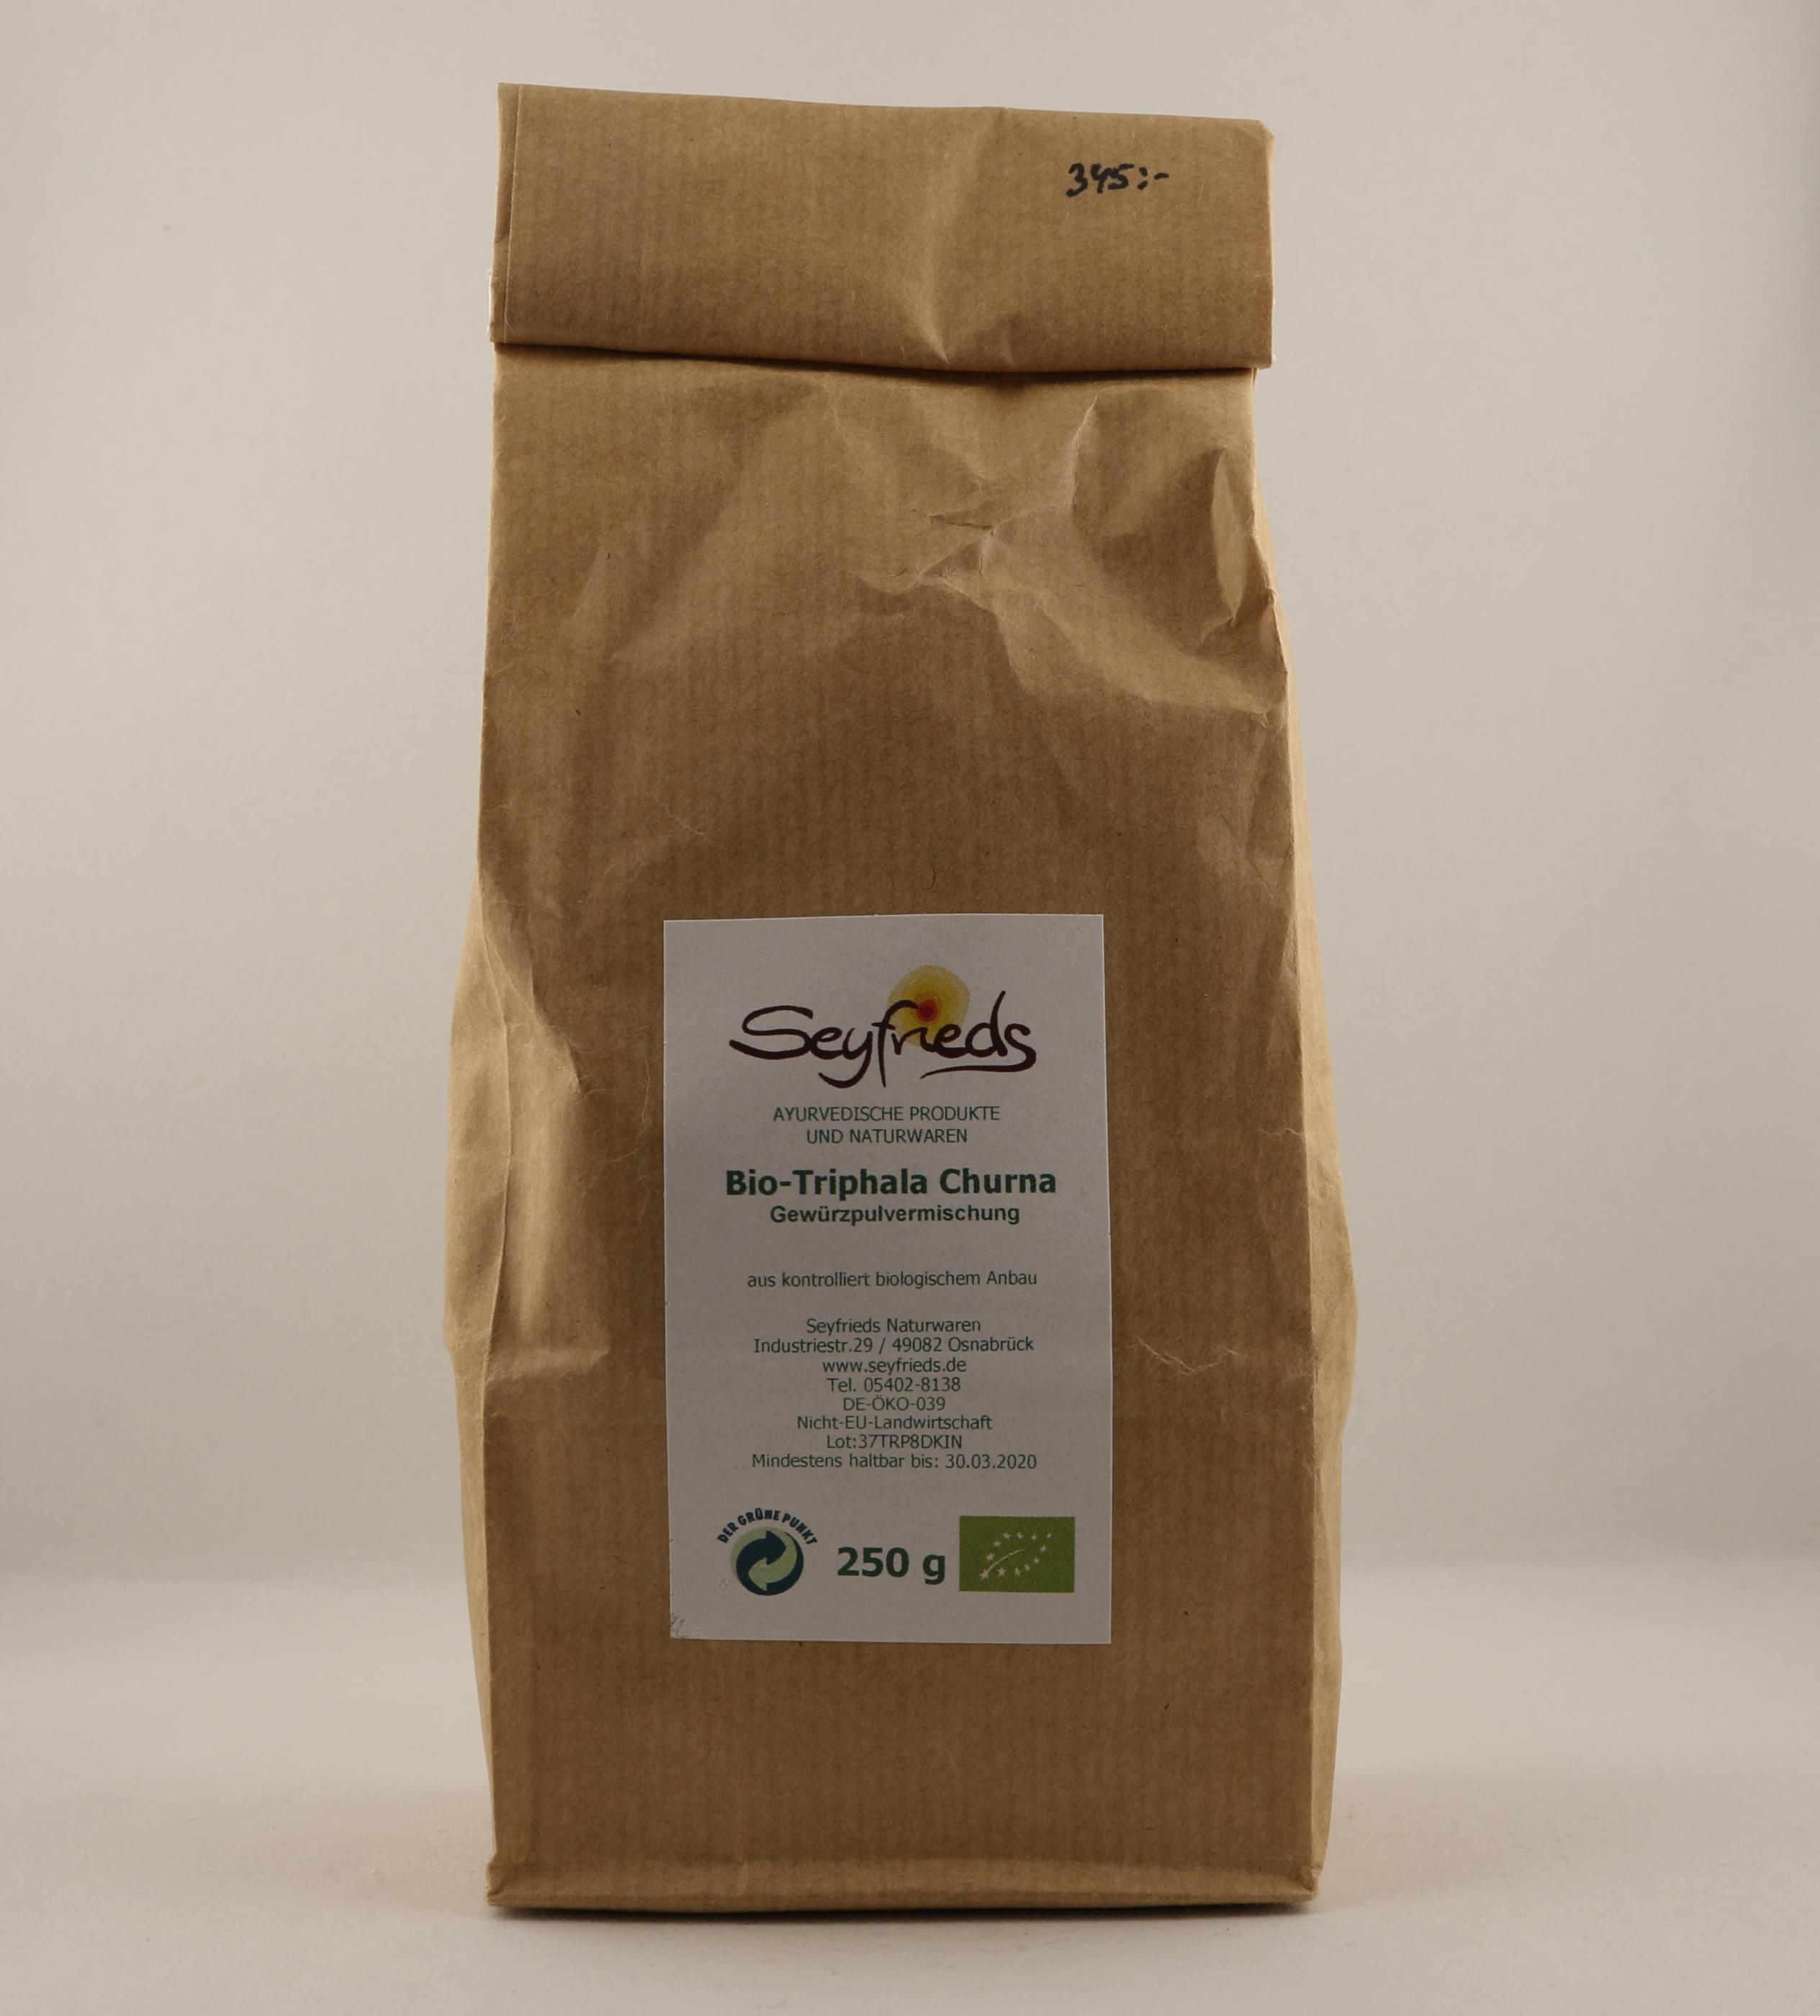 Trifala pulver holistisk alternativ örttillskott kosttillskott homeopati hälsa